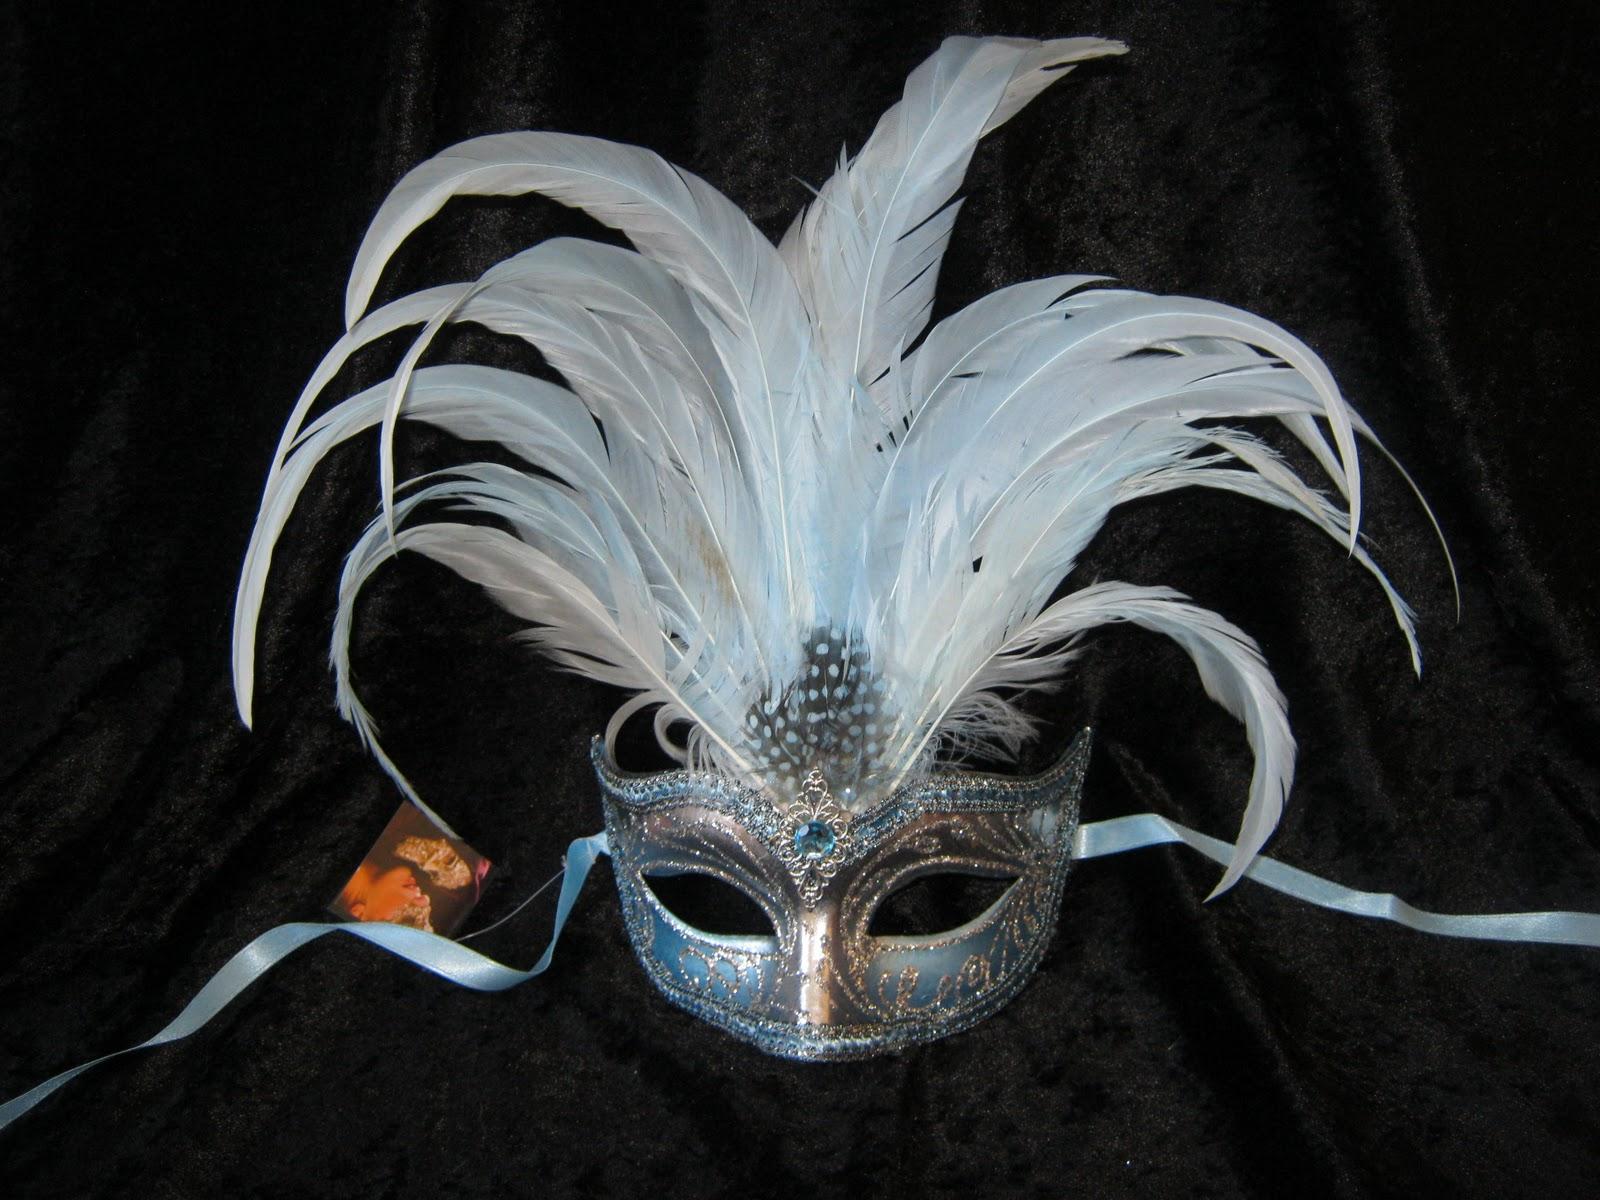 Masquerade Mask Design Ideas images